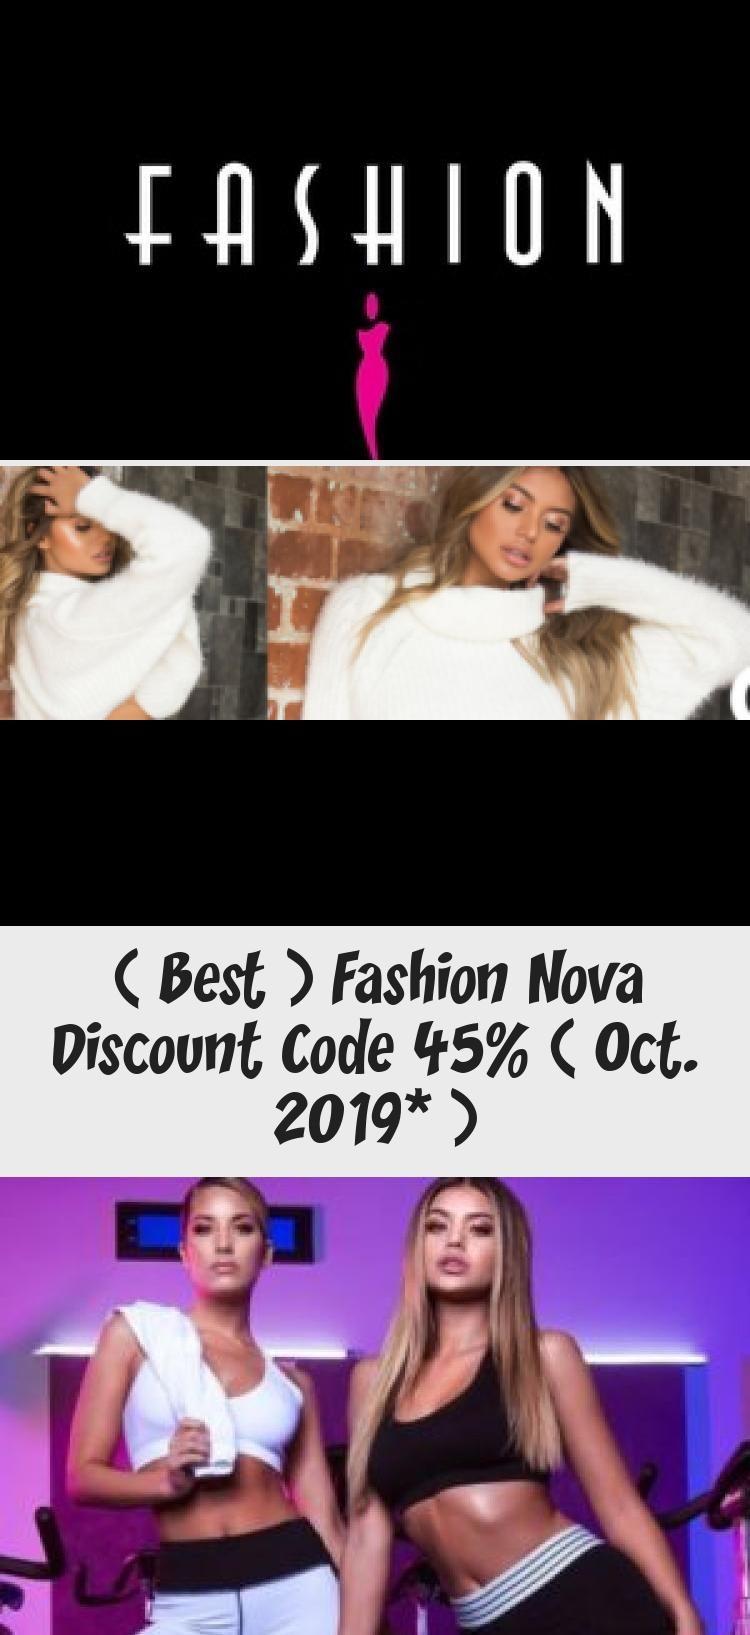 fashion nova gift card code